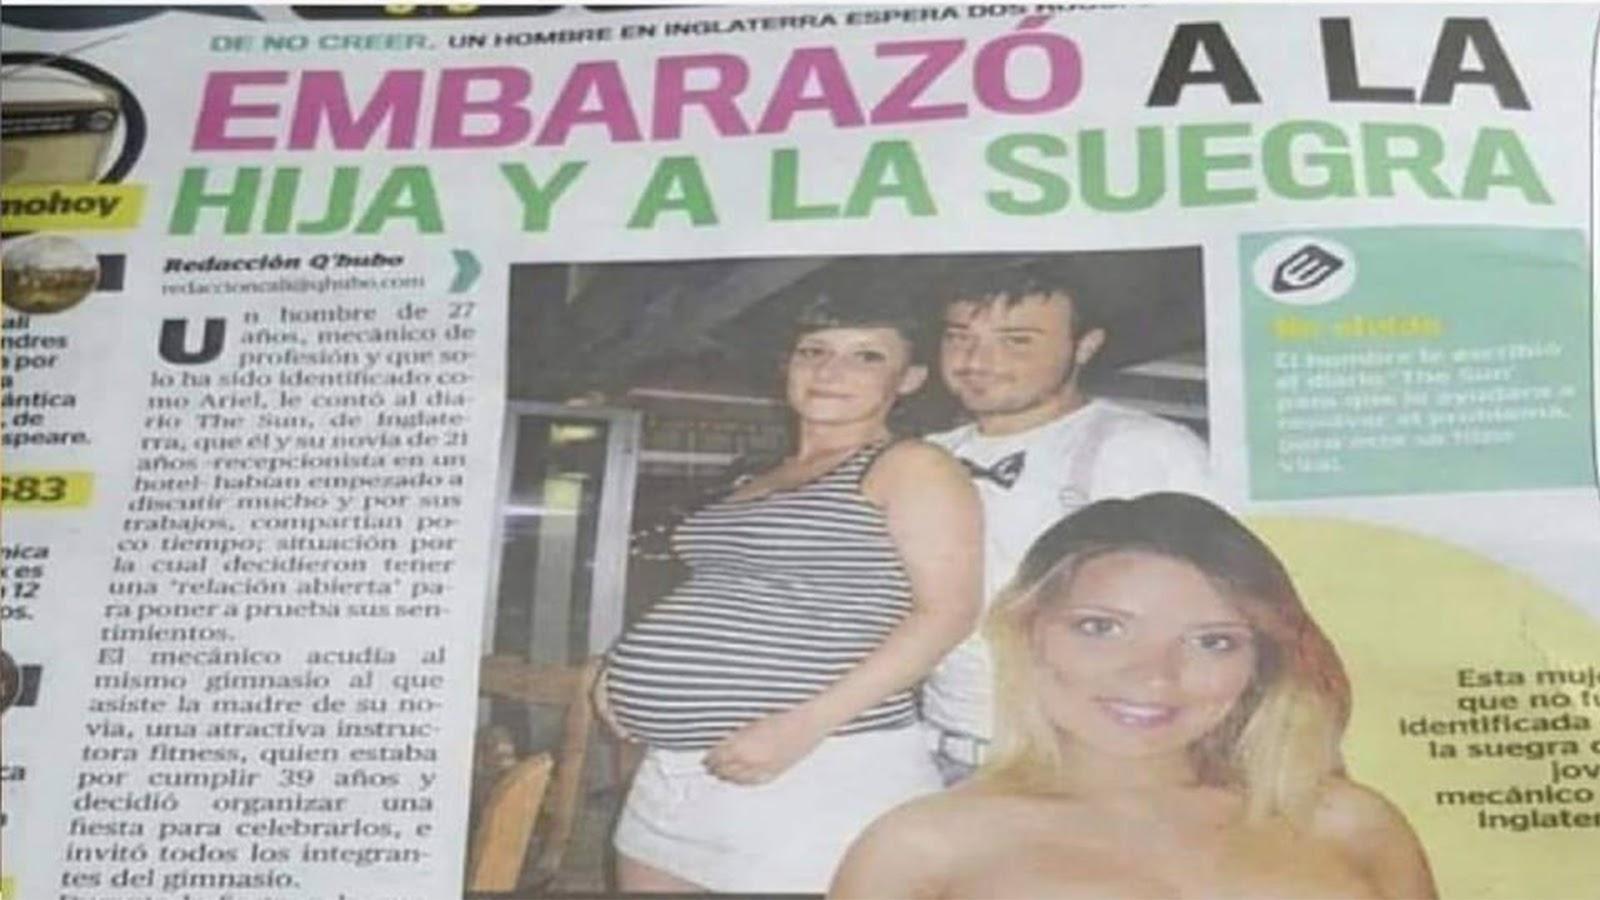 Joven embaraza a su novia y a su suegra al mismo tiempo - Nación Unida